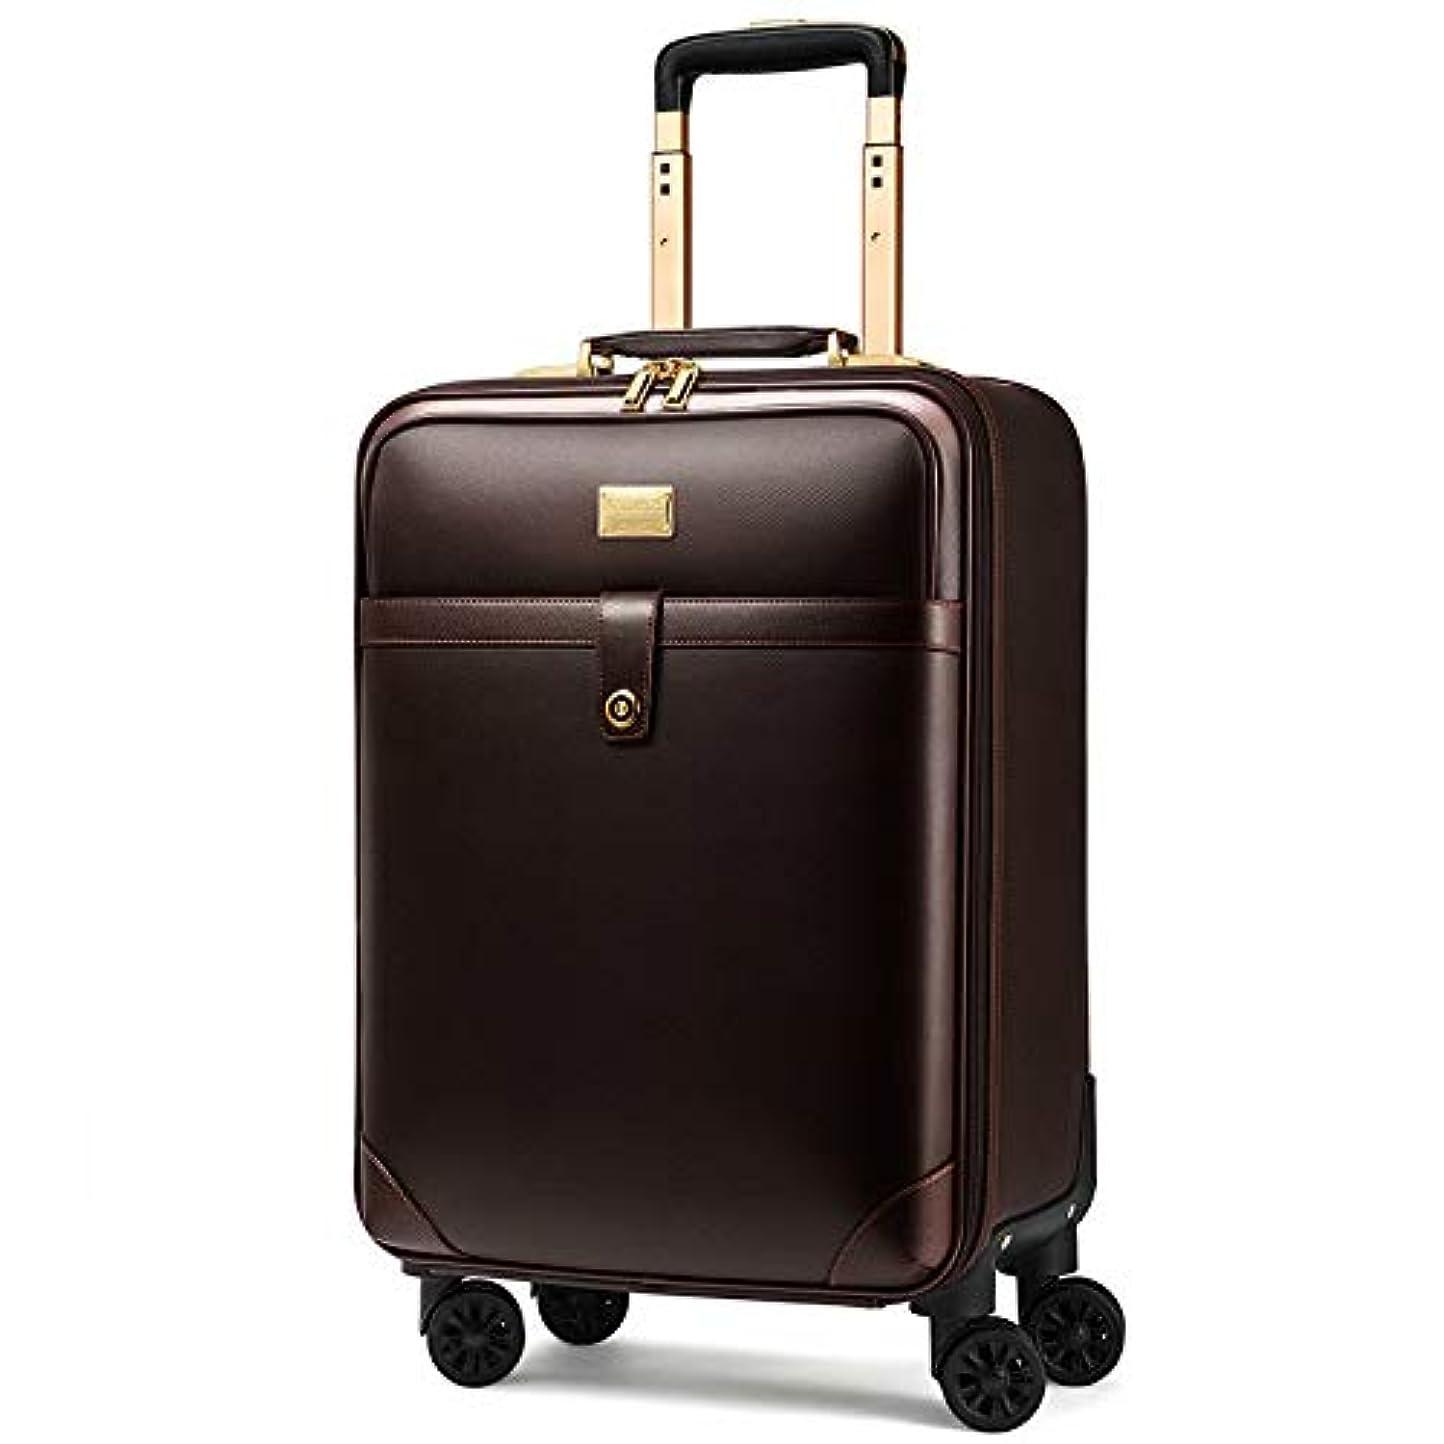 ファン免疫する宗教高級旅行スーツケースローリングスピナー荷物女性トロリーケース24インチホイールマン20インチボックスpvcヴィンテージキャビン旅行バッグトランク (Color : Brown, Size : Rectangle)